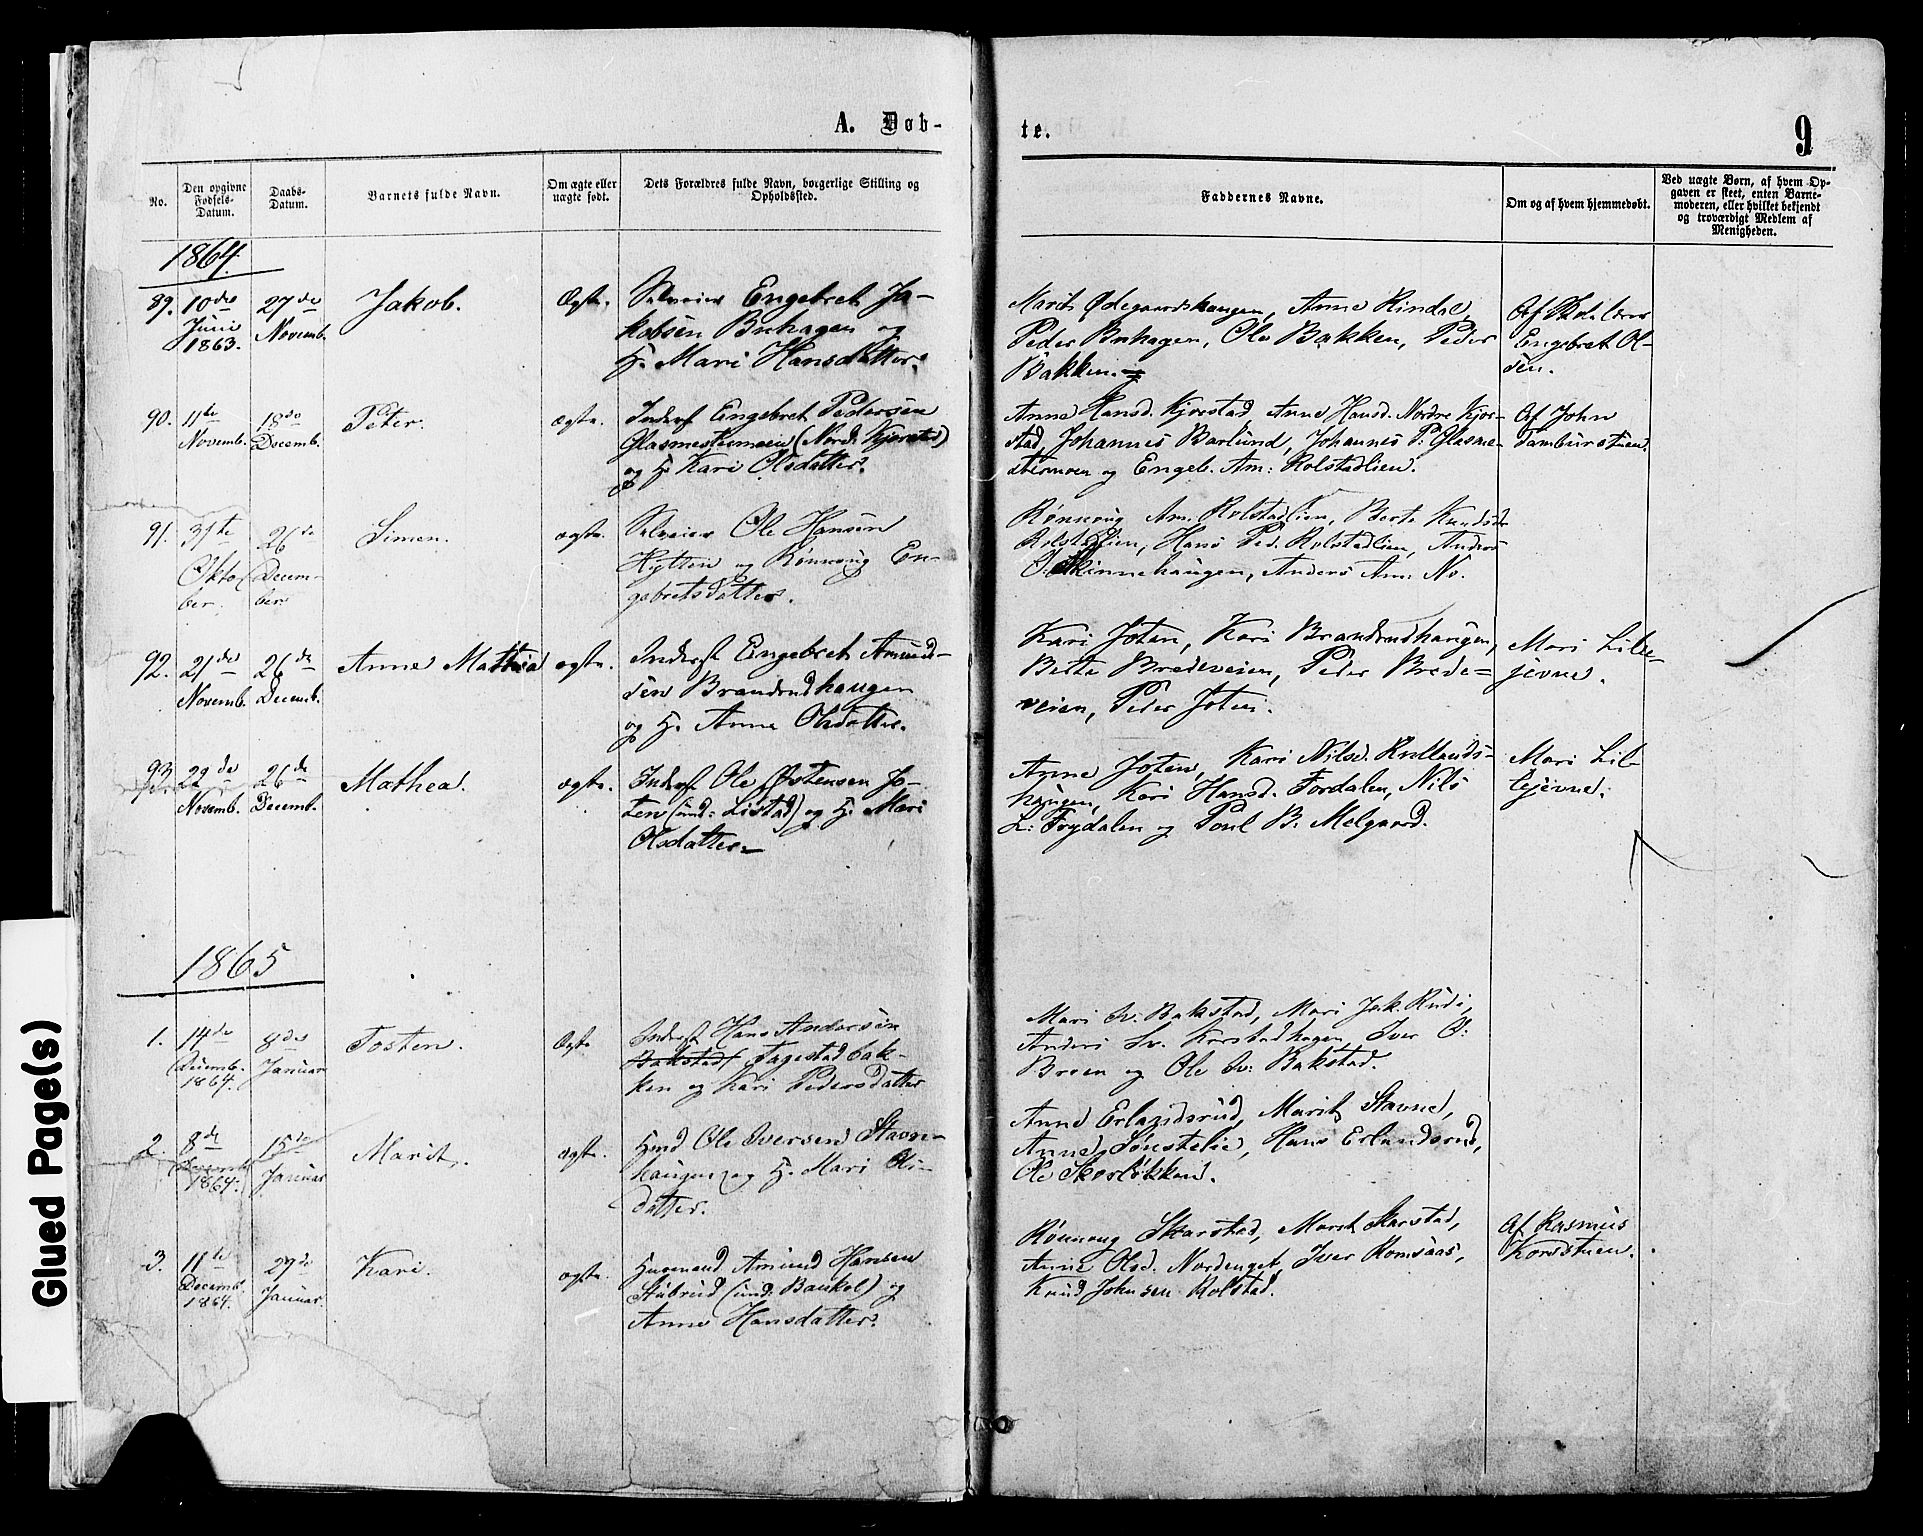 SAH, Sør-Fron prestekontor, H/Ha/Haa/L0002: Ministerialbok nr. 2, 1864-1880, s. 9